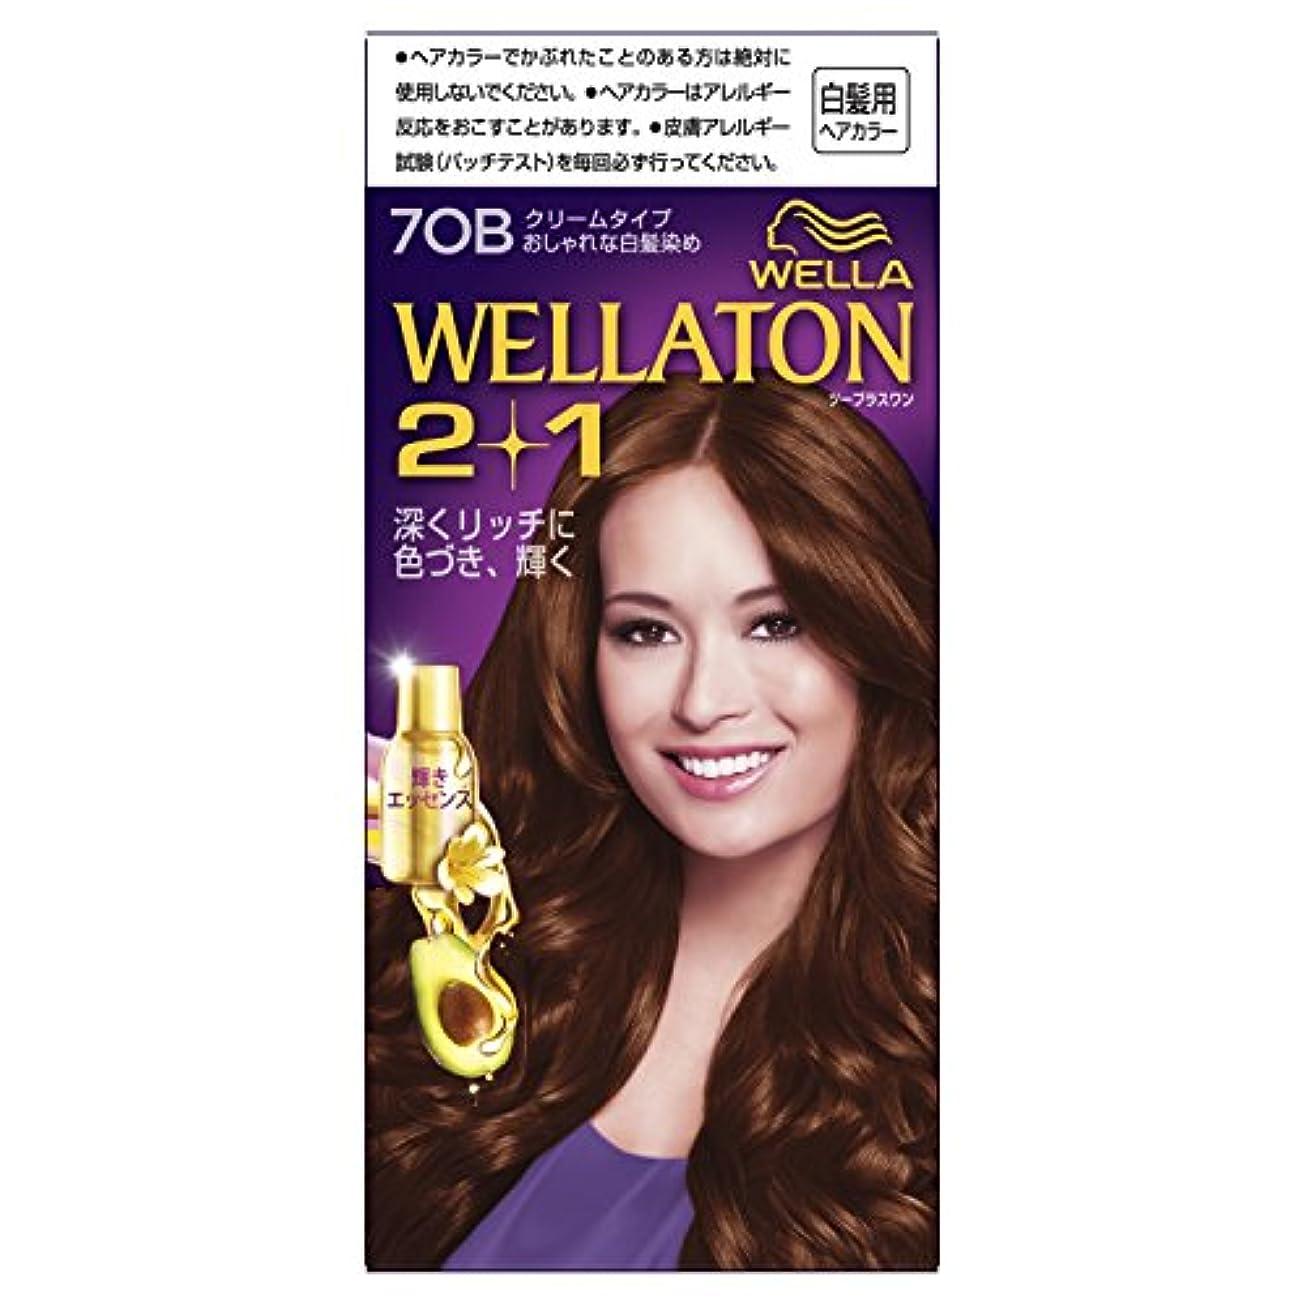 配分判決売るウエラトーン2+1 クリームタイプ 7OB [医薬部外品](おしゃれな白髪染め)